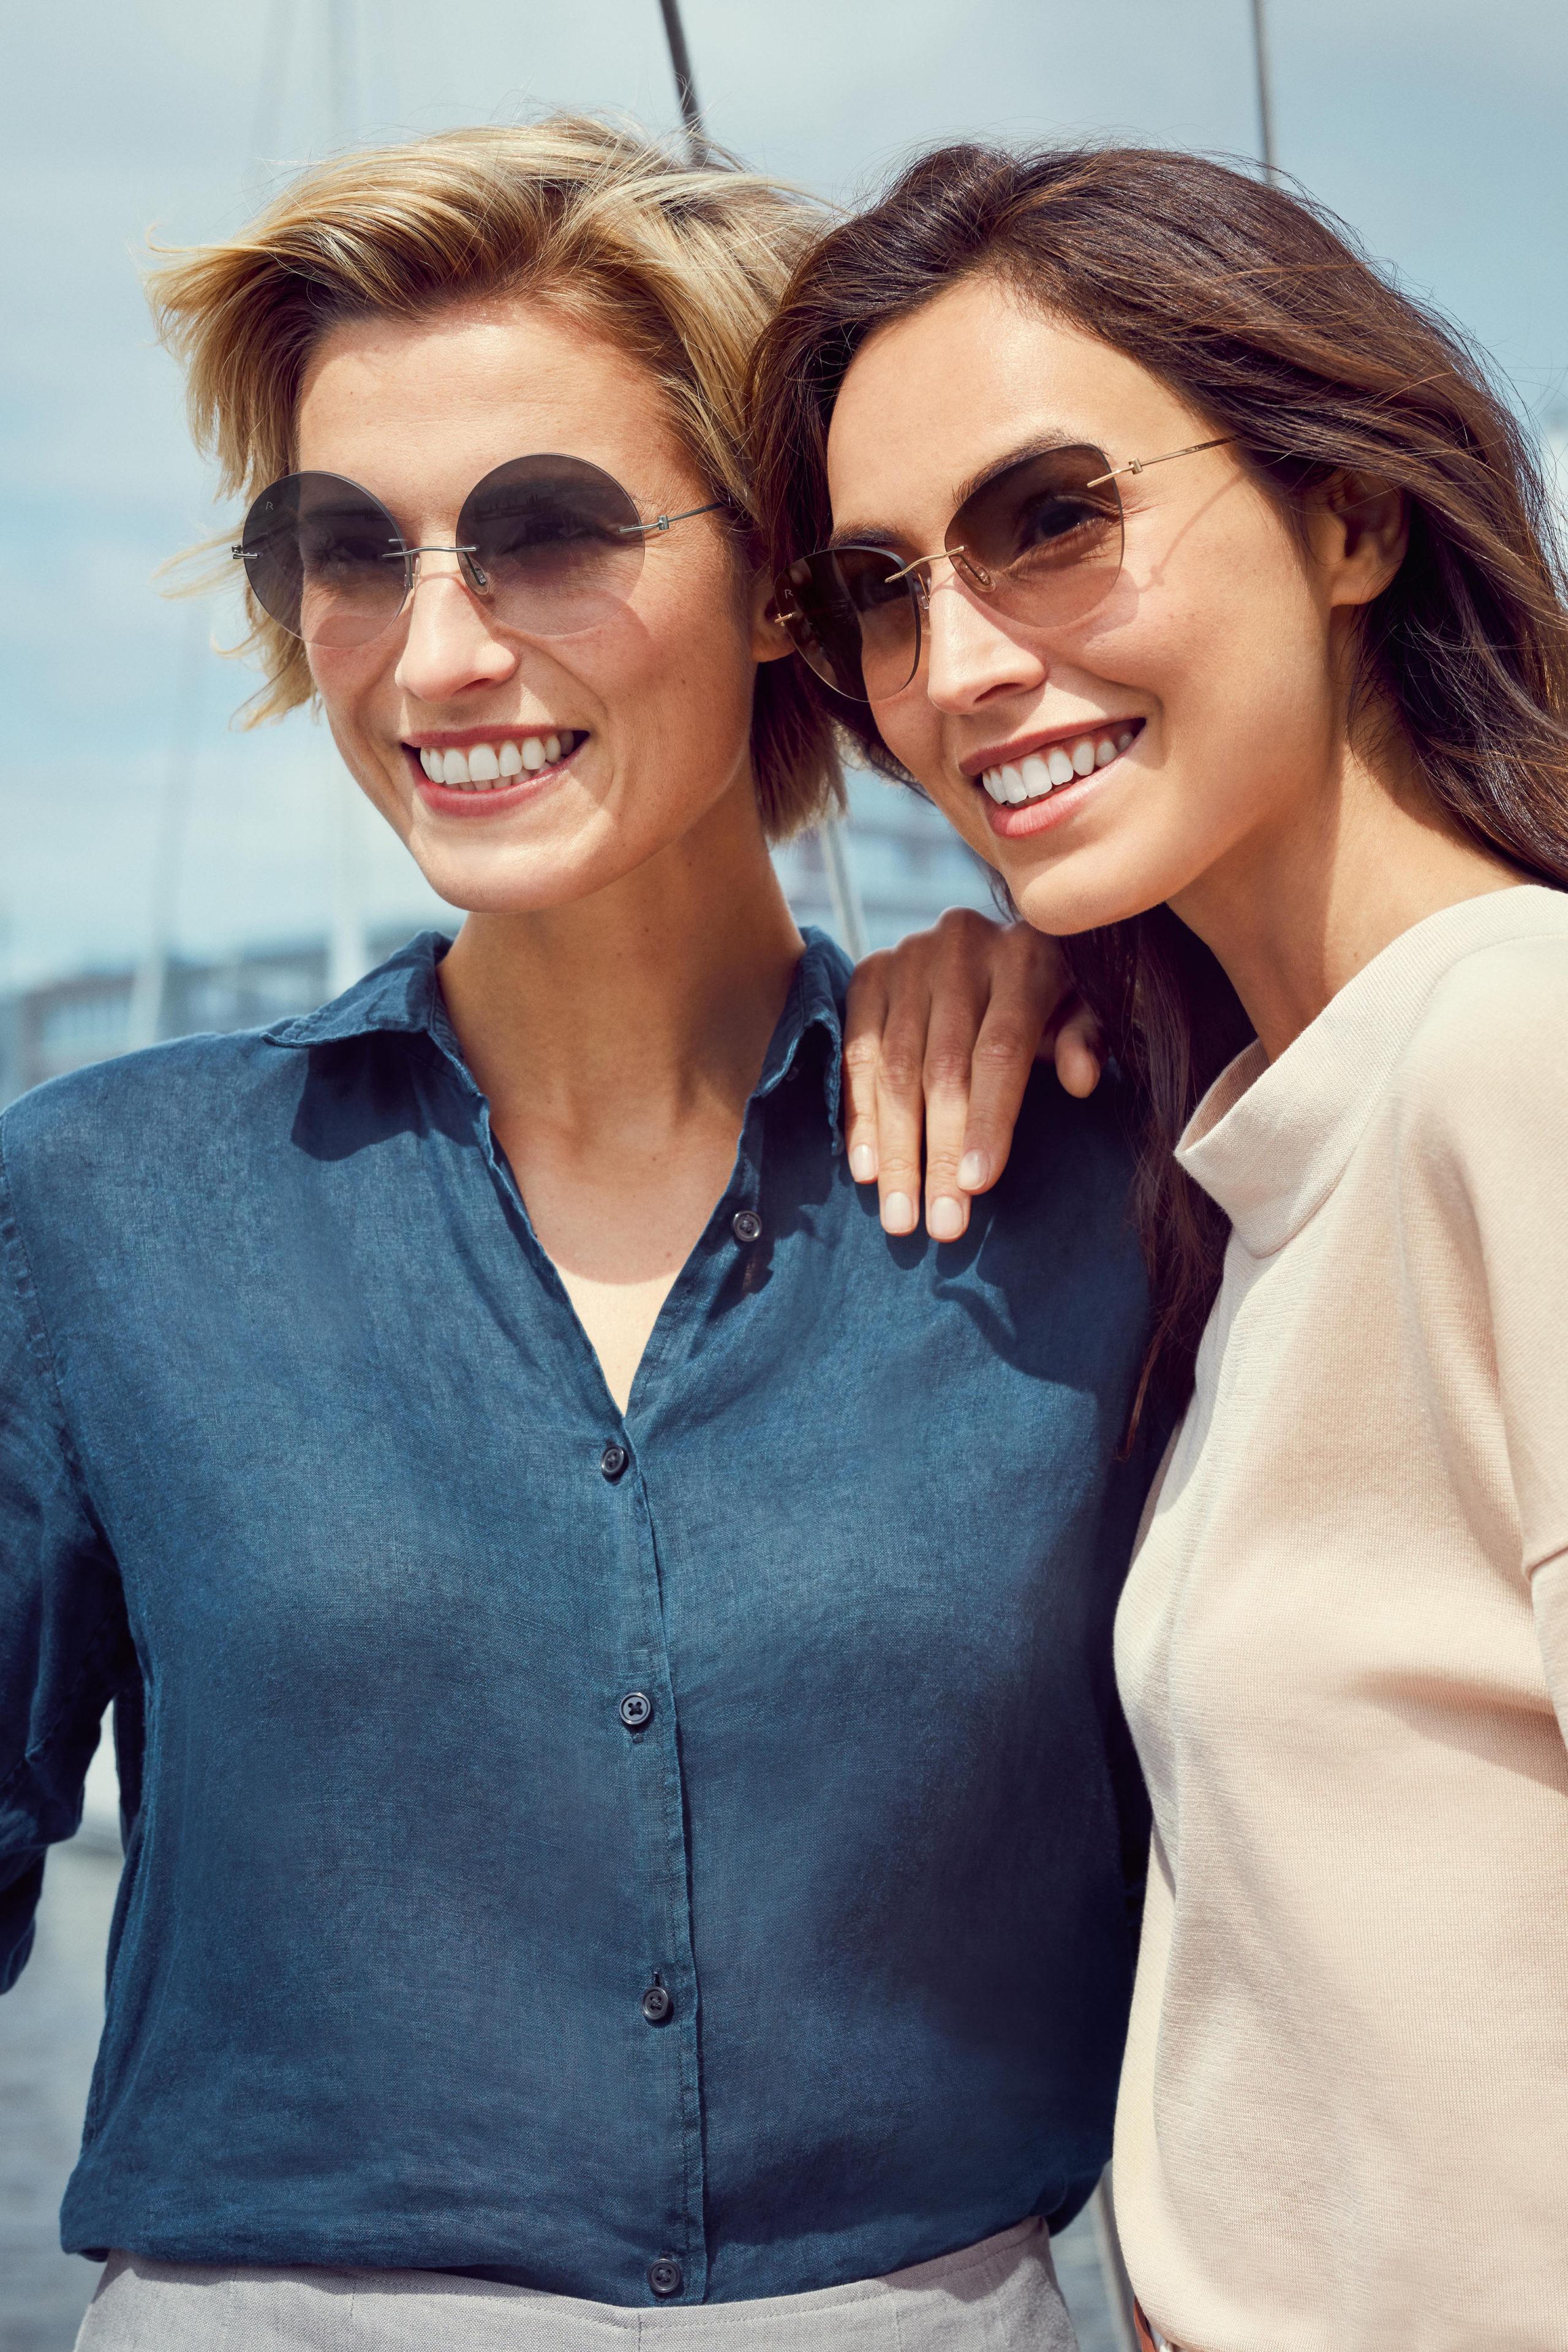 Neben dem persönlichen Geschmack entscheiden bei der Wahl der Brillengläser oft auch die Gesichtsform und der Teint.